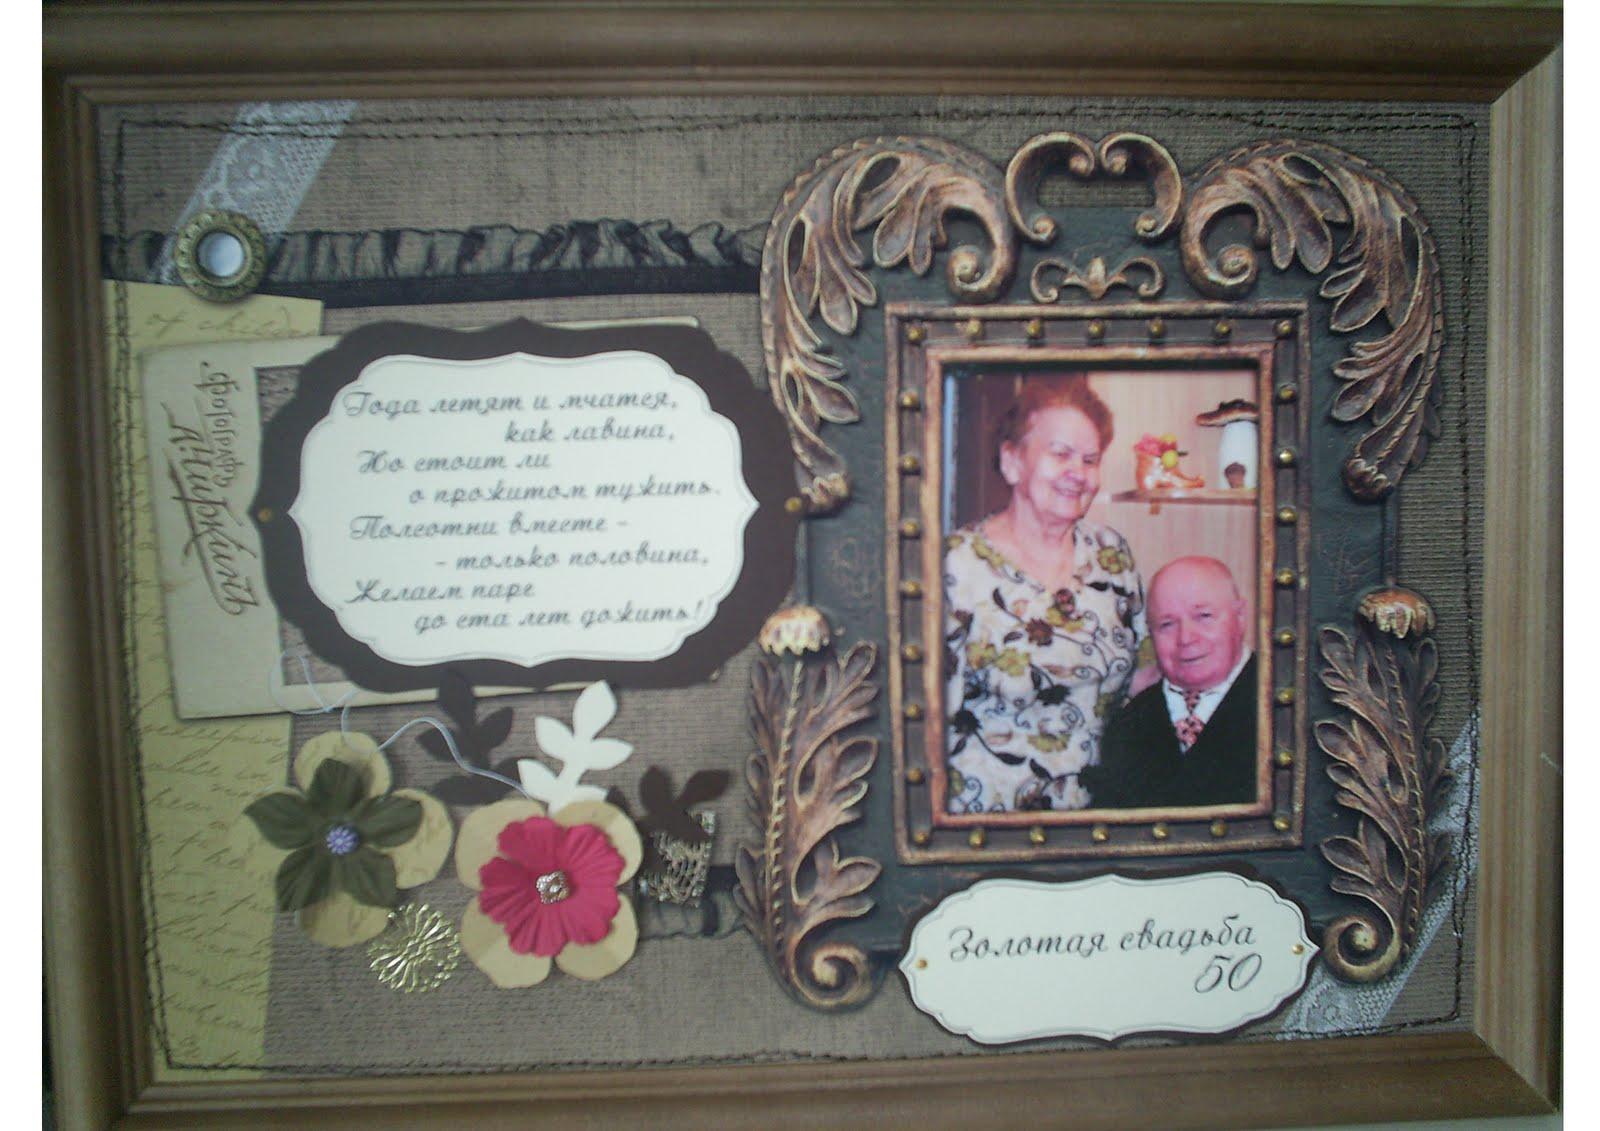 Бриллиантовая свадьба поздравления бабушке